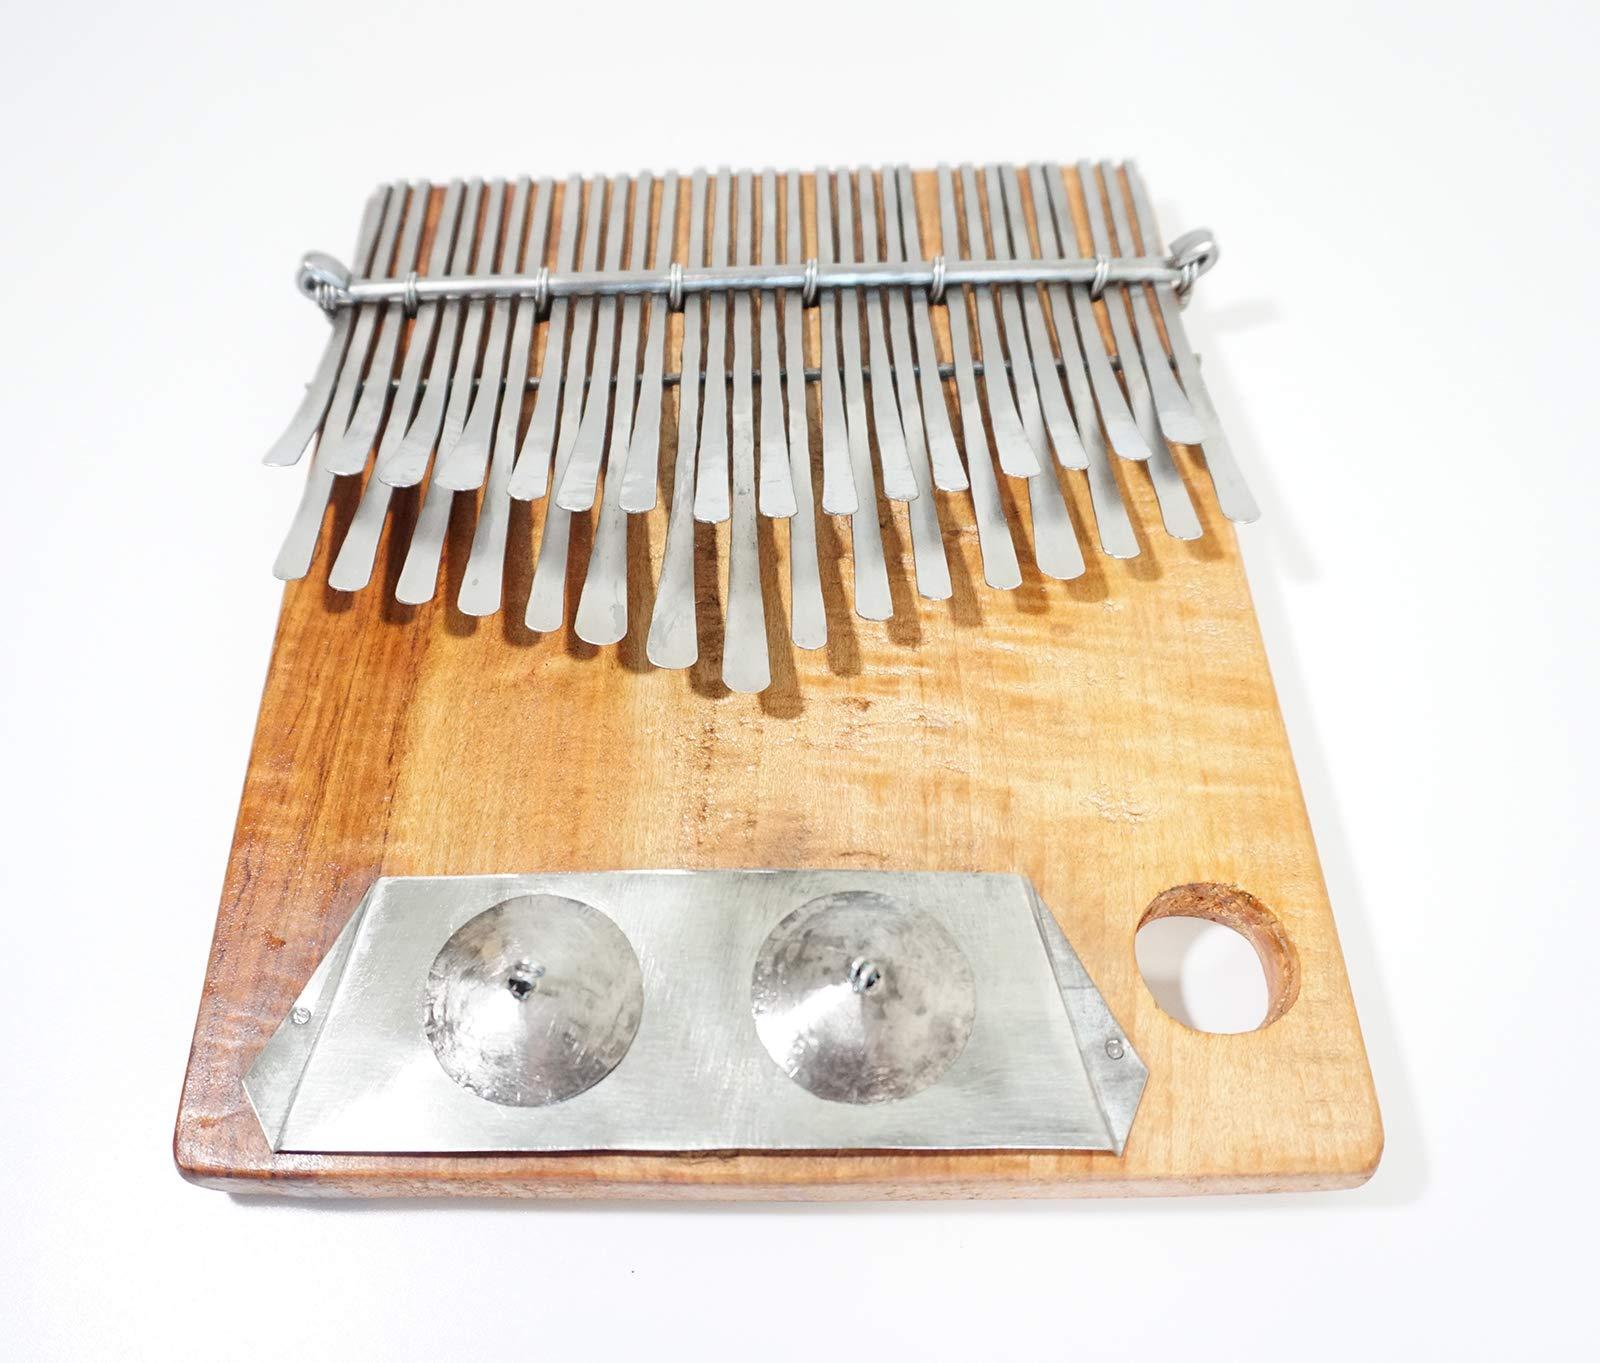 32 Key v3 Shona Njari Mbira - Finger Piano - Thumb Piano''Voice of the Ancestors'' ~Zimbabwe